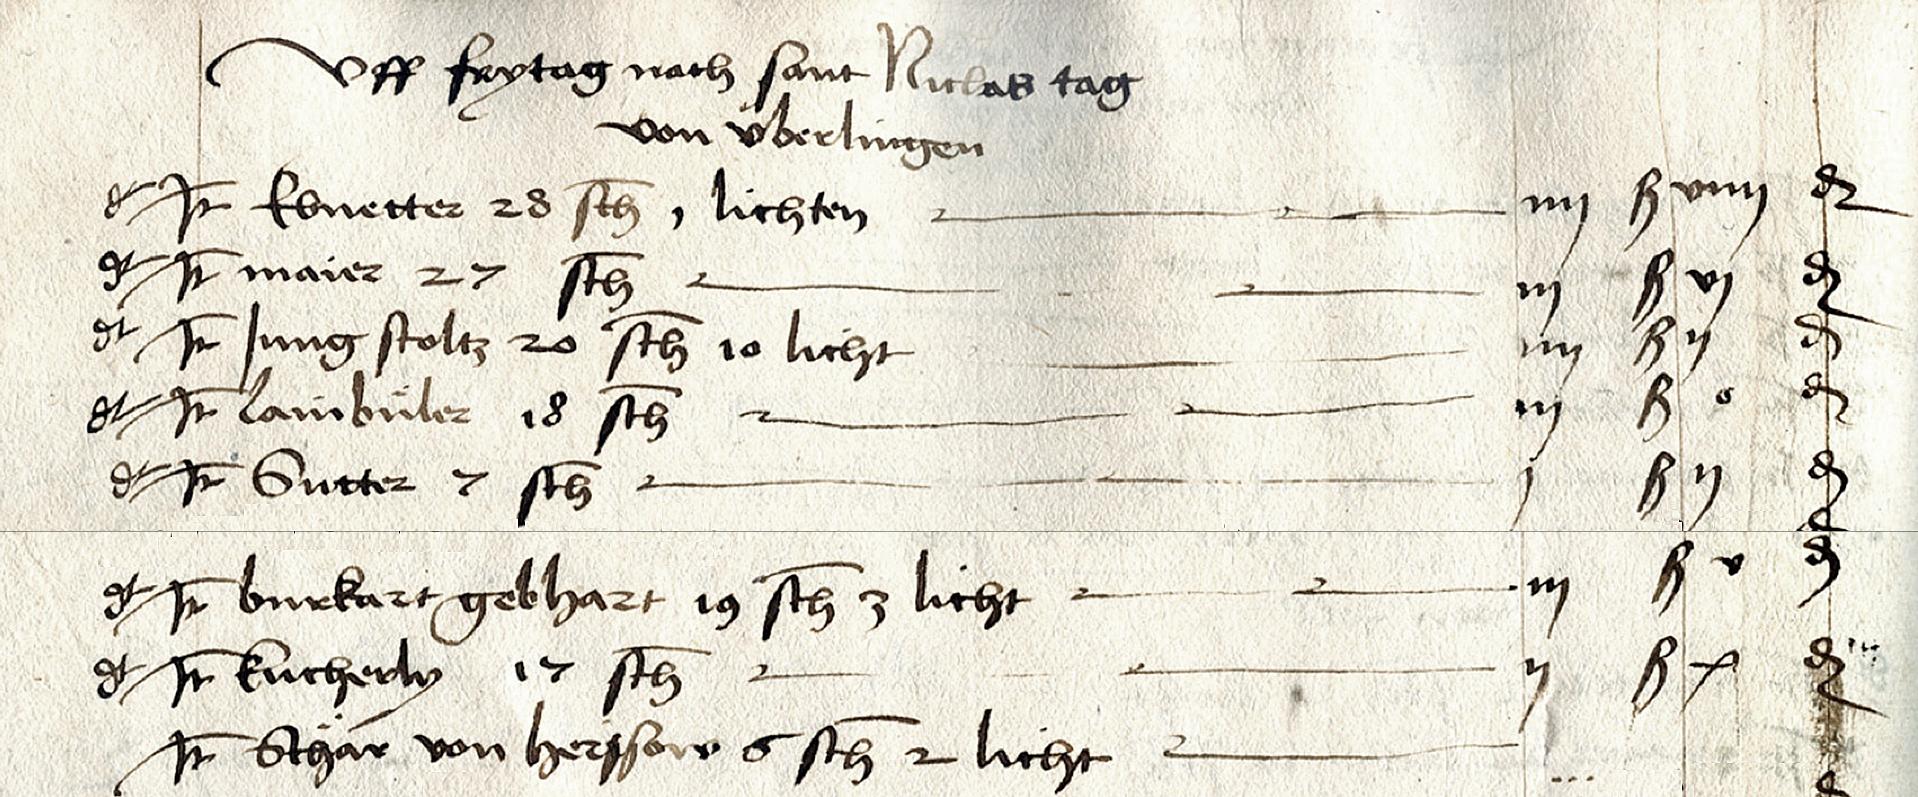 Gredbuch von Steinach: Wirtschaftliche Ausrichtung des Appenzellerlands auf den Bodensee (1477/78)